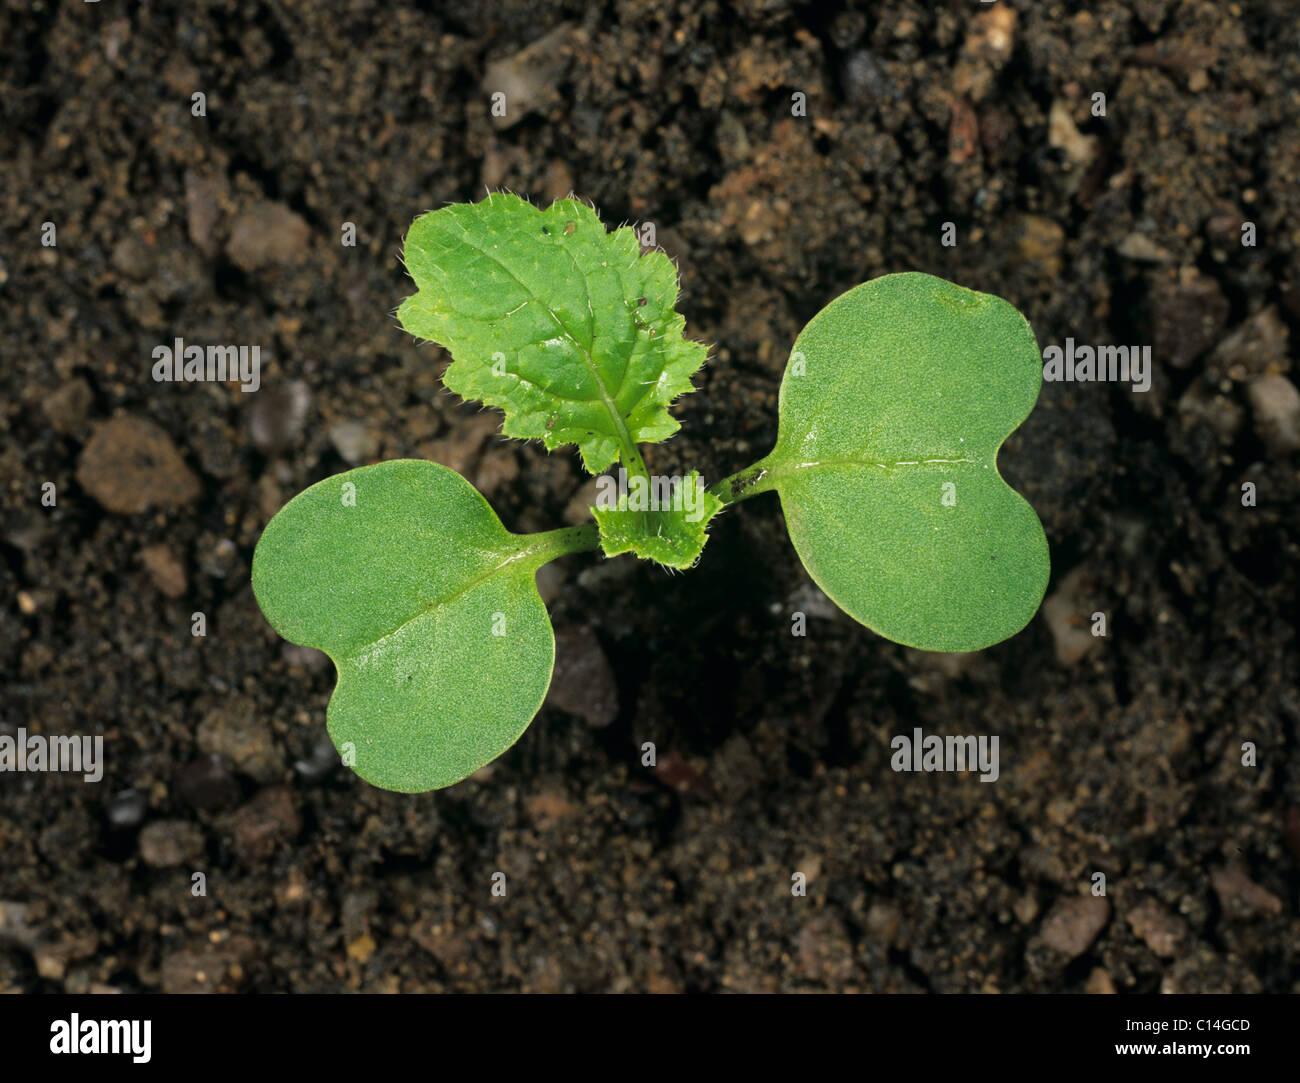 La rapa (Brassica rapa) piantina con cotiledoni e una foglia vera formazione Immagini Stock